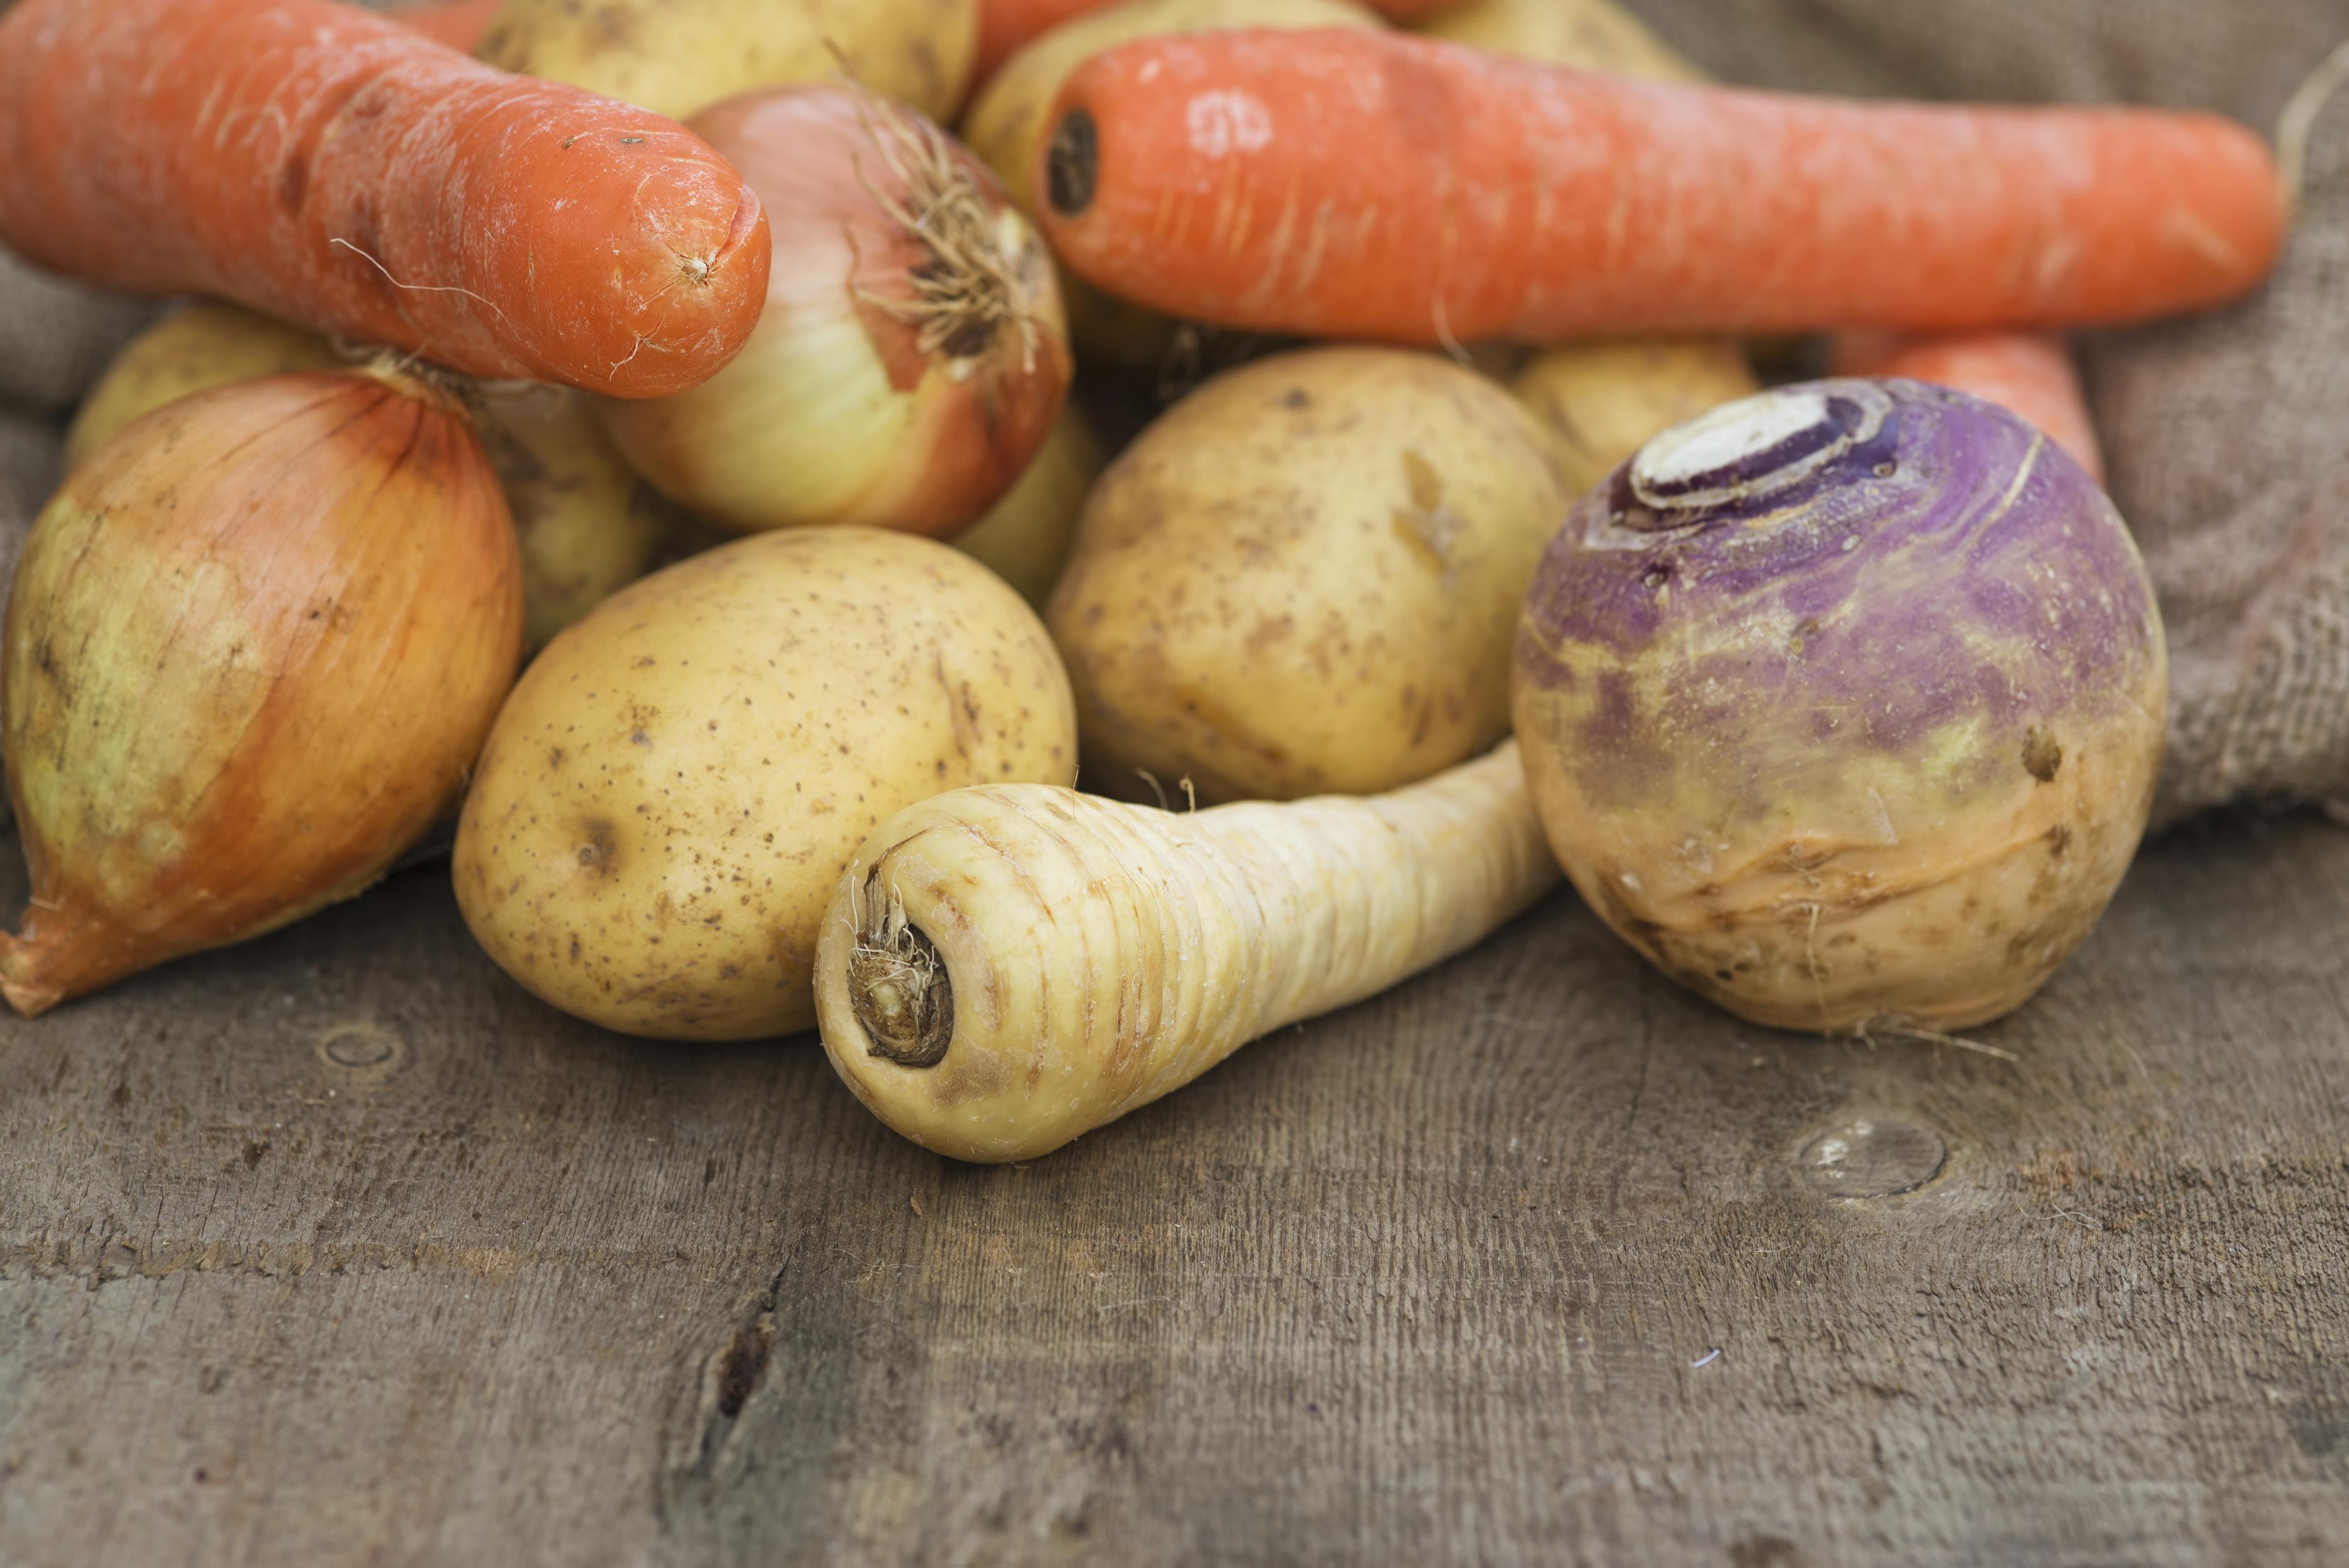 My top 3 winter vegetables